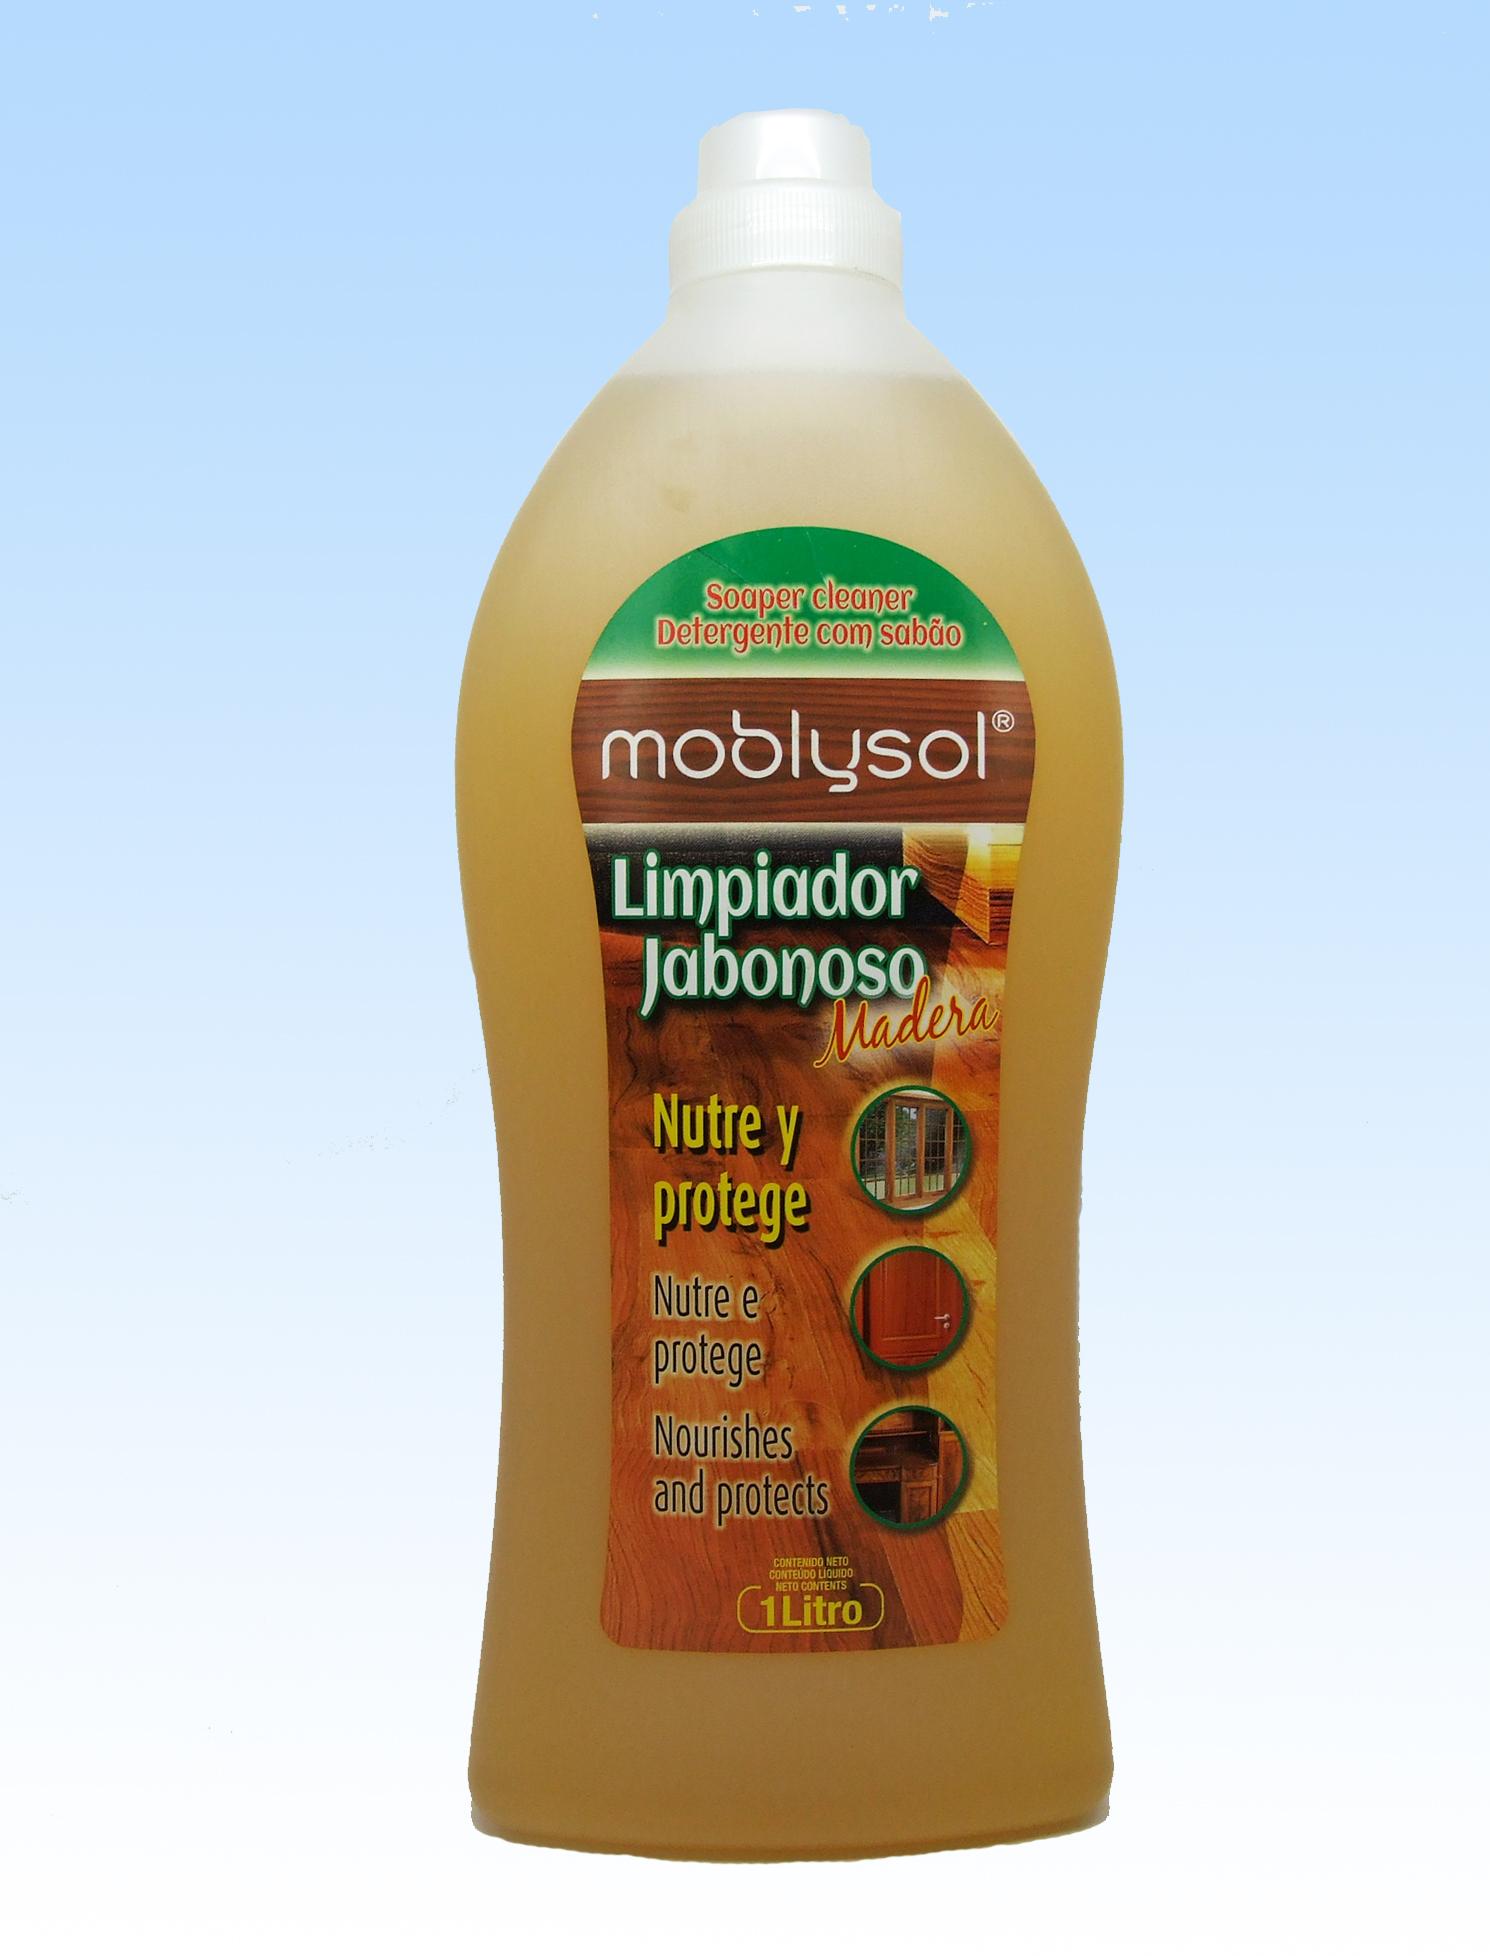 Moblysol jabonoso